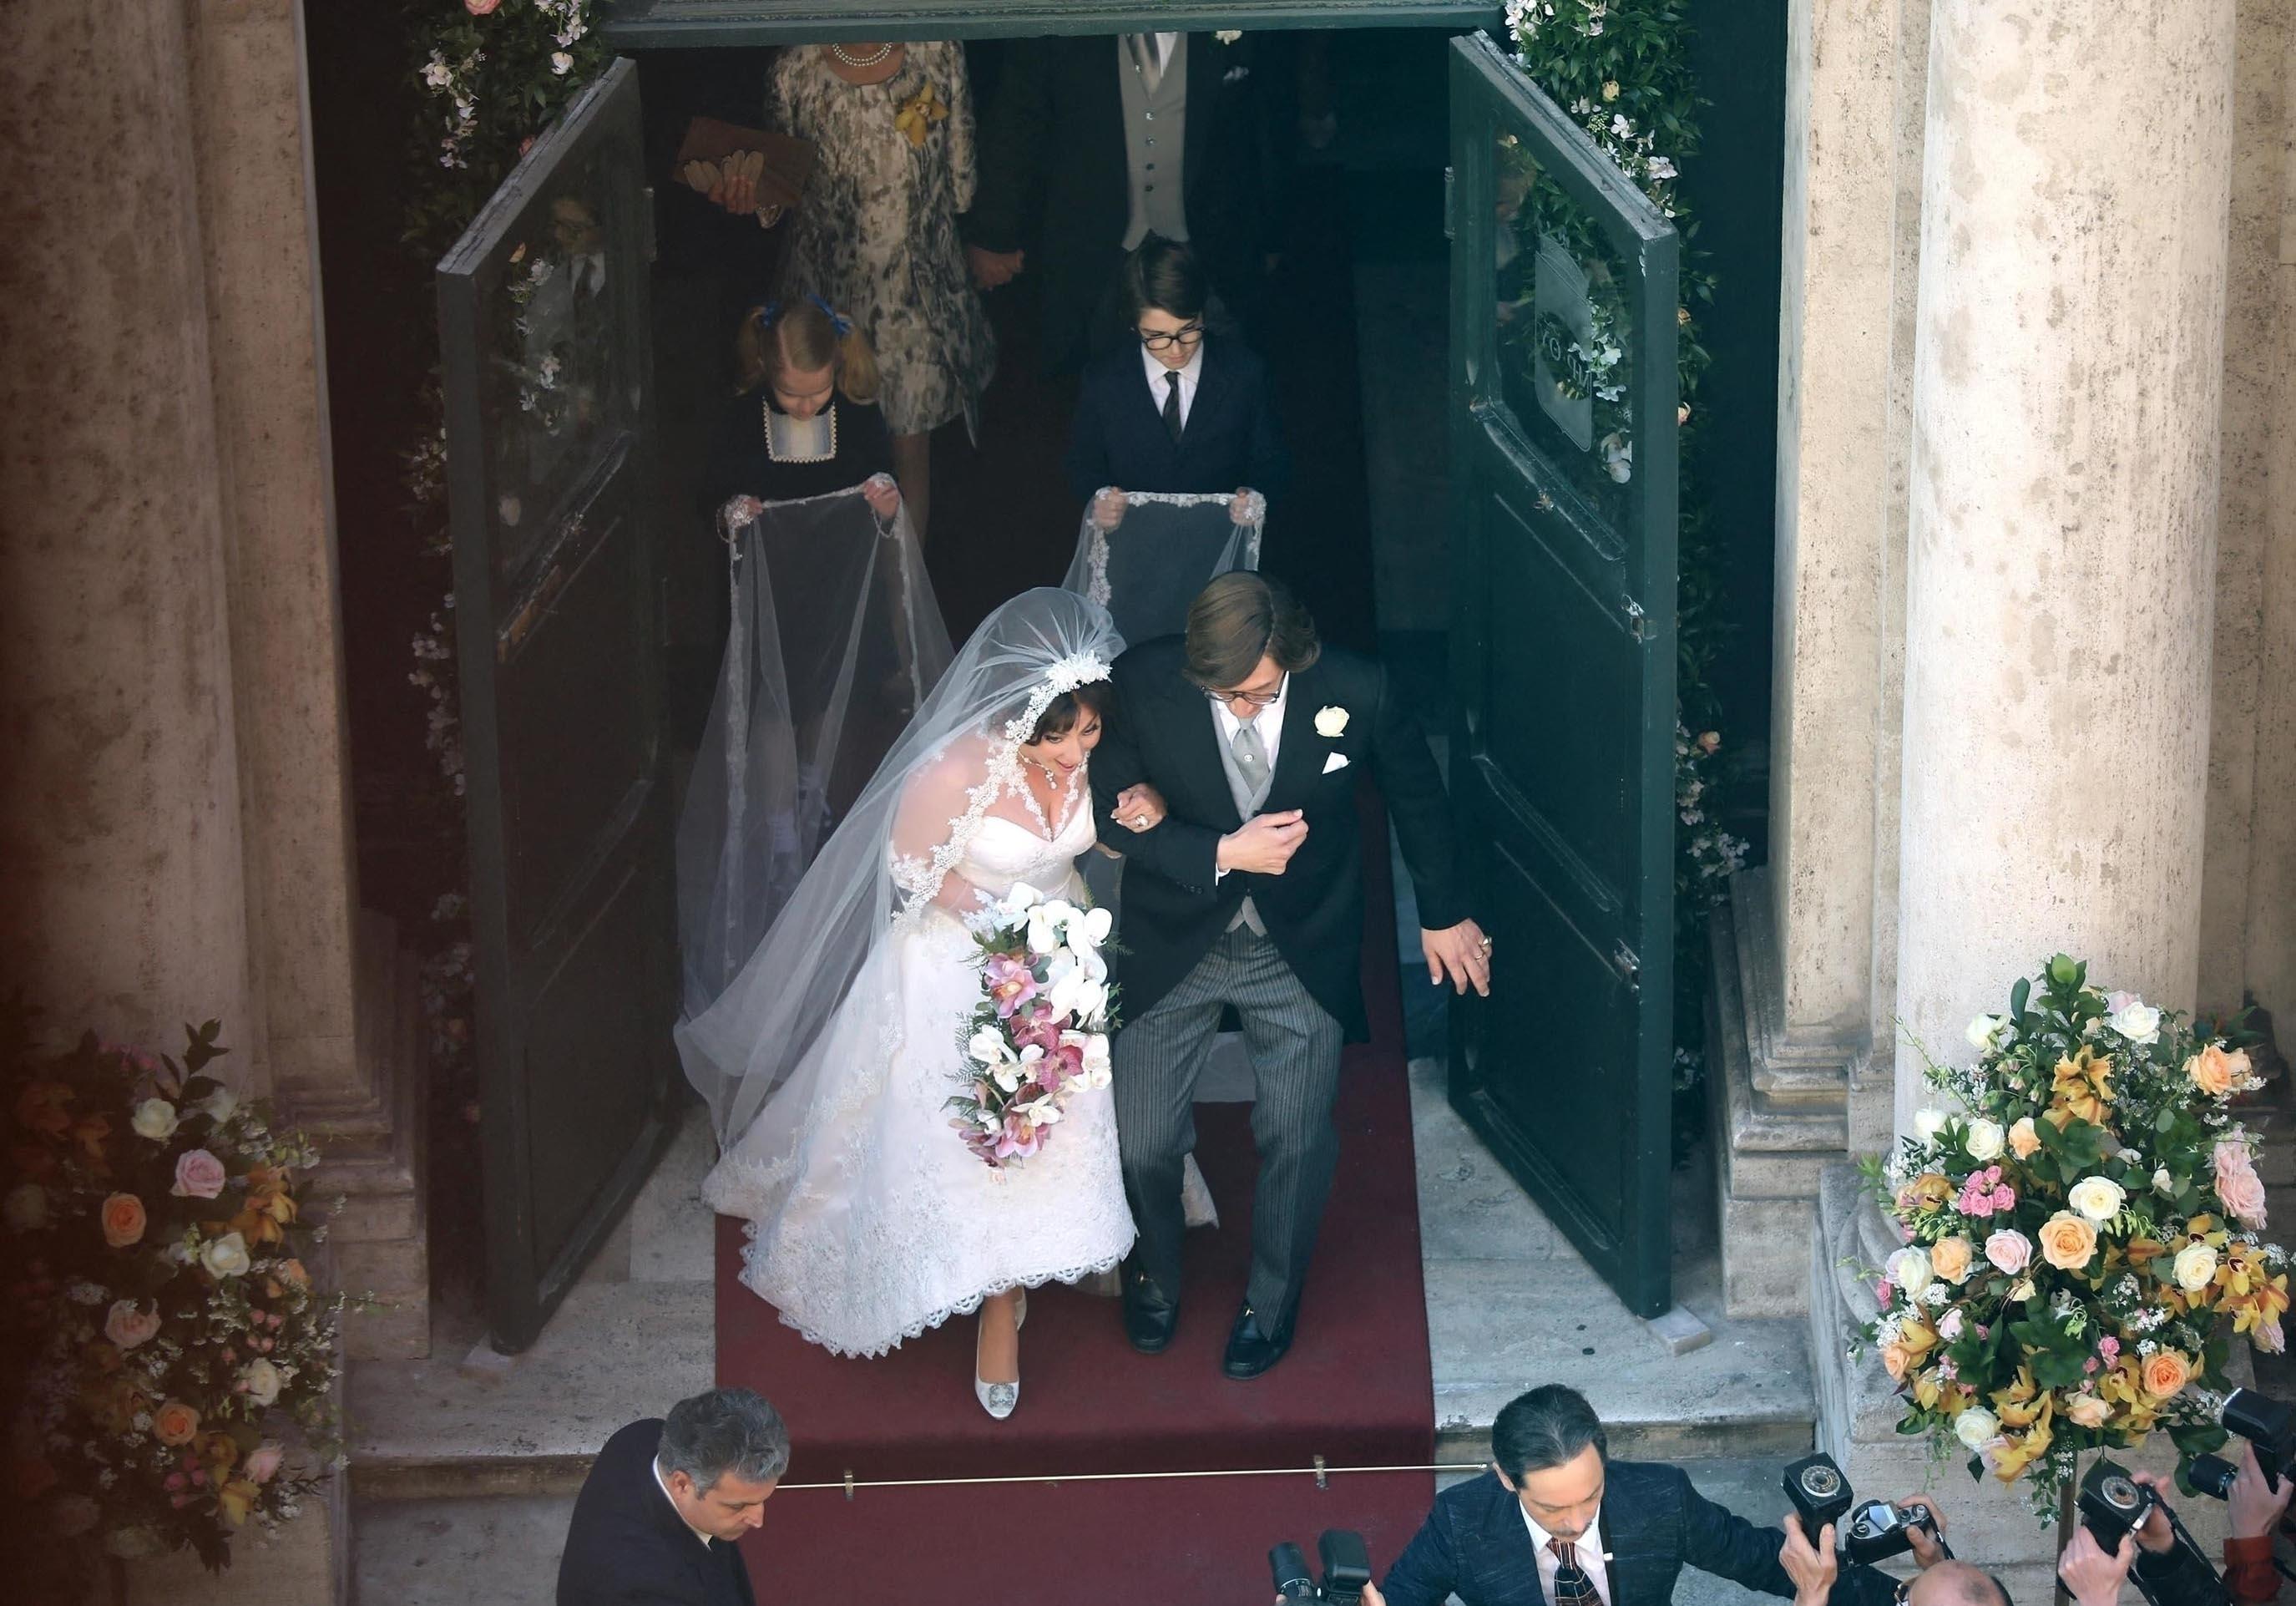 House of Gucci : Lady Gaga époustouflante dans sa robe de mariée - Elle